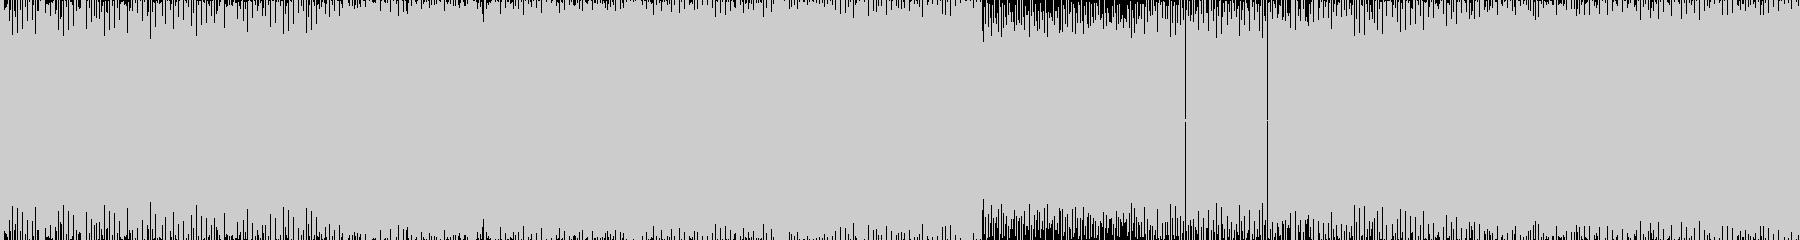 暗めハイスピード系の曲<loop仕様>…の未再生の波形